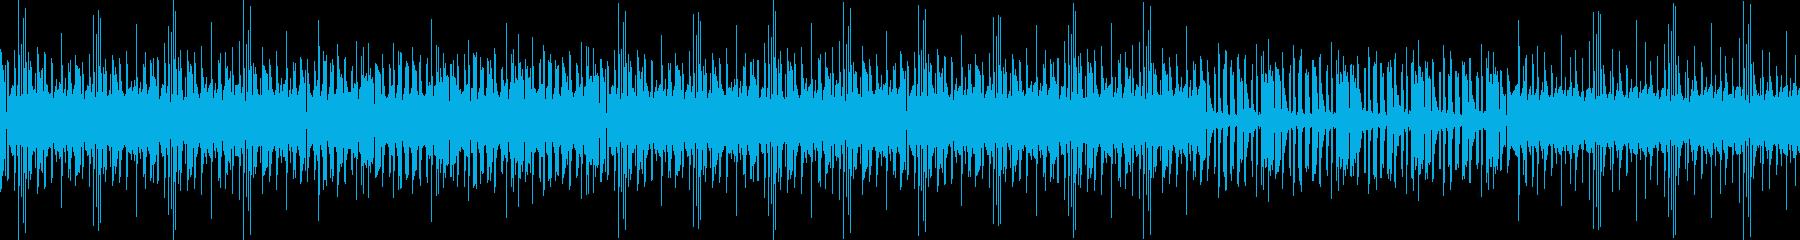 無機質なインダストリアルビートの再生済みの波形